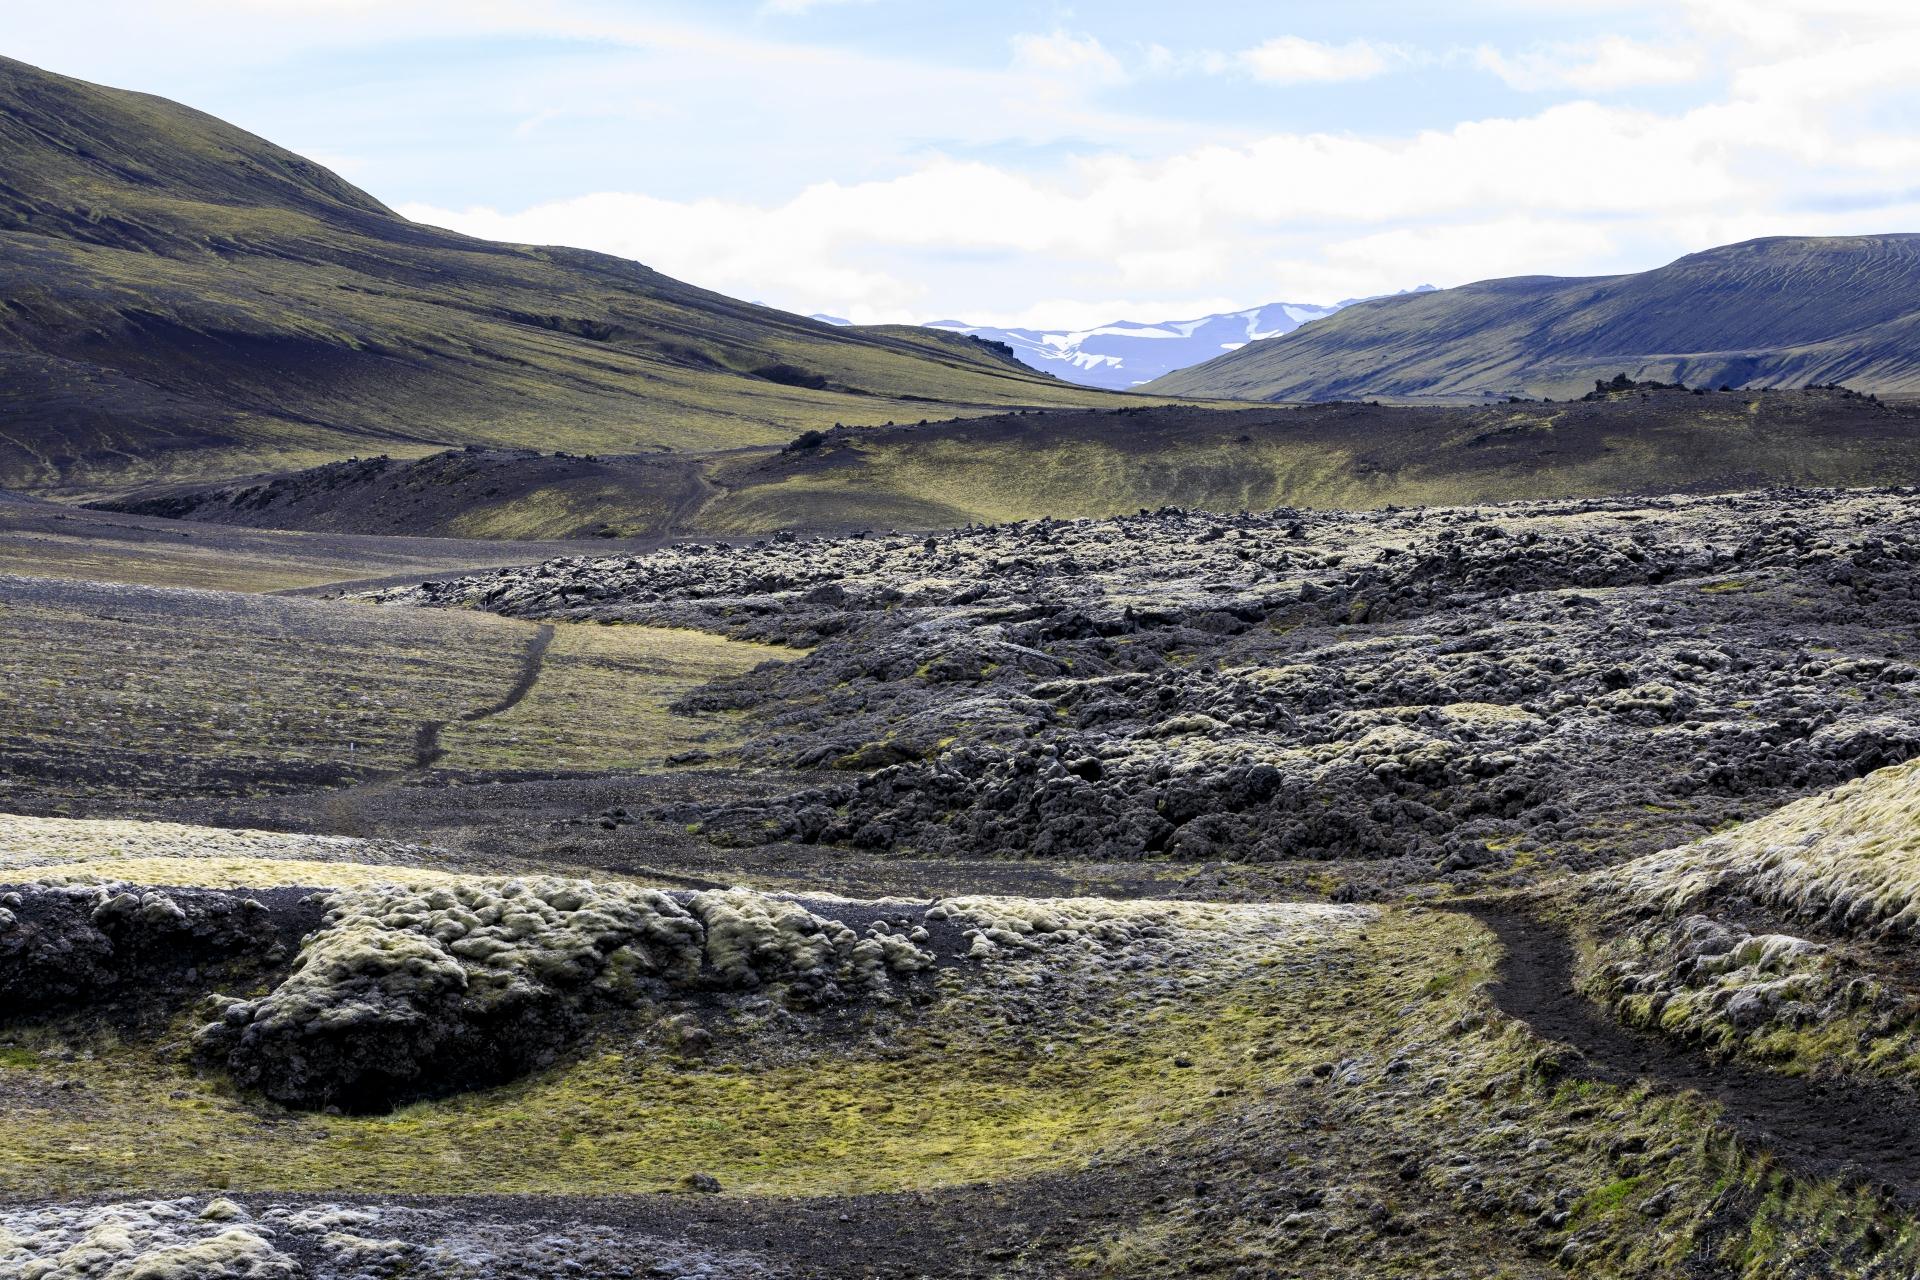 Blick zurück auf den Weg am Rand des Lavafeldes Lambafitjarhraun